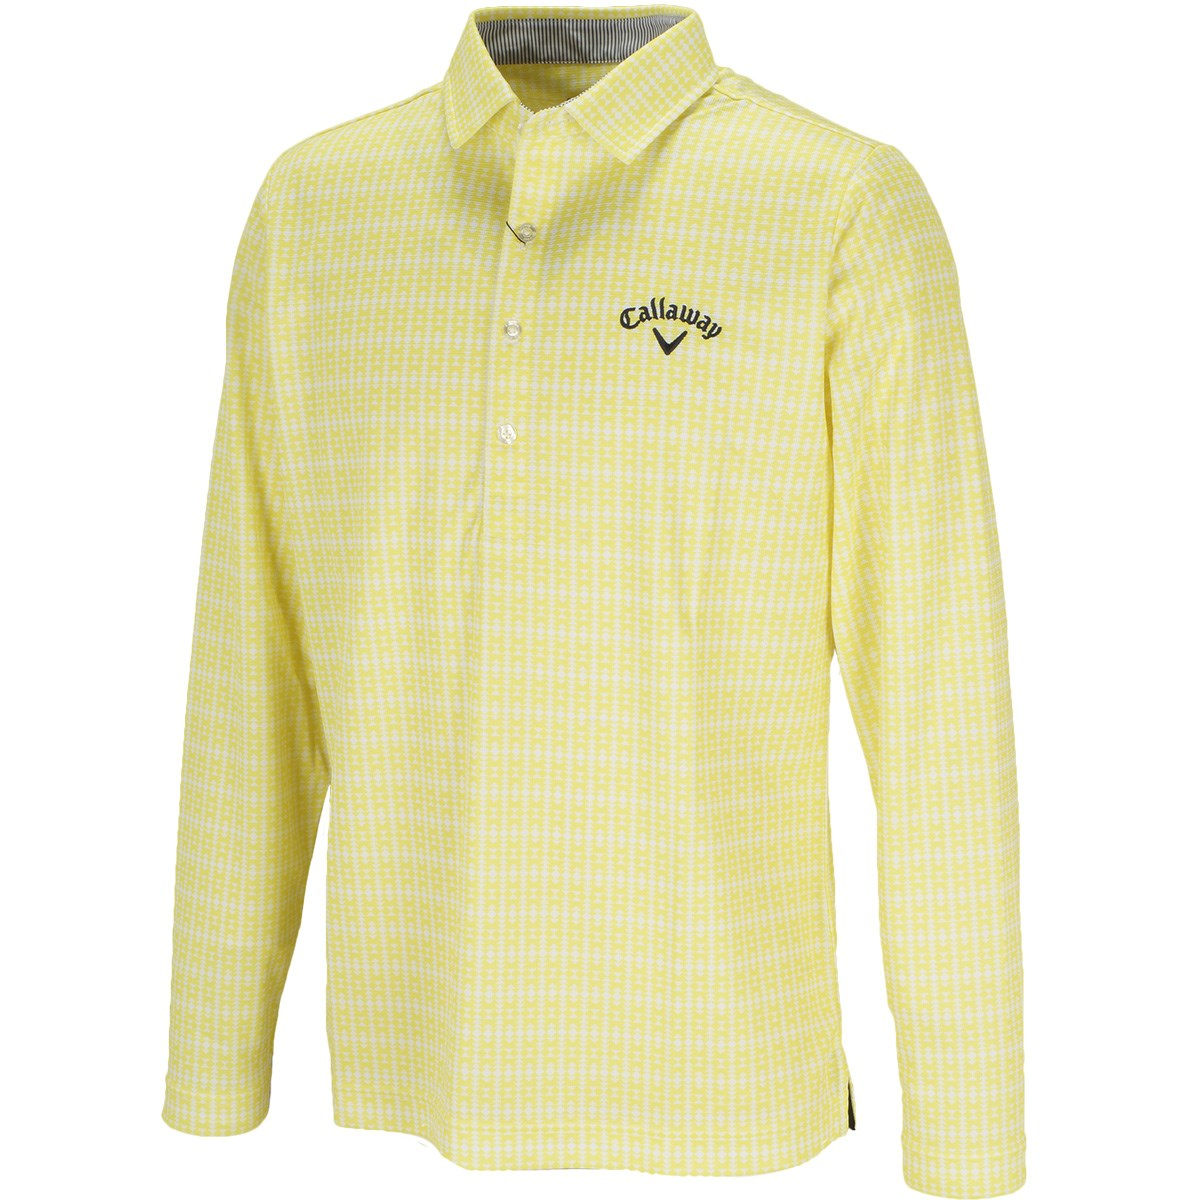 キャロウェイゴルフ(Callaway Golf) ネイティブプリントミニワッフル共襟長袖ポロシャツ